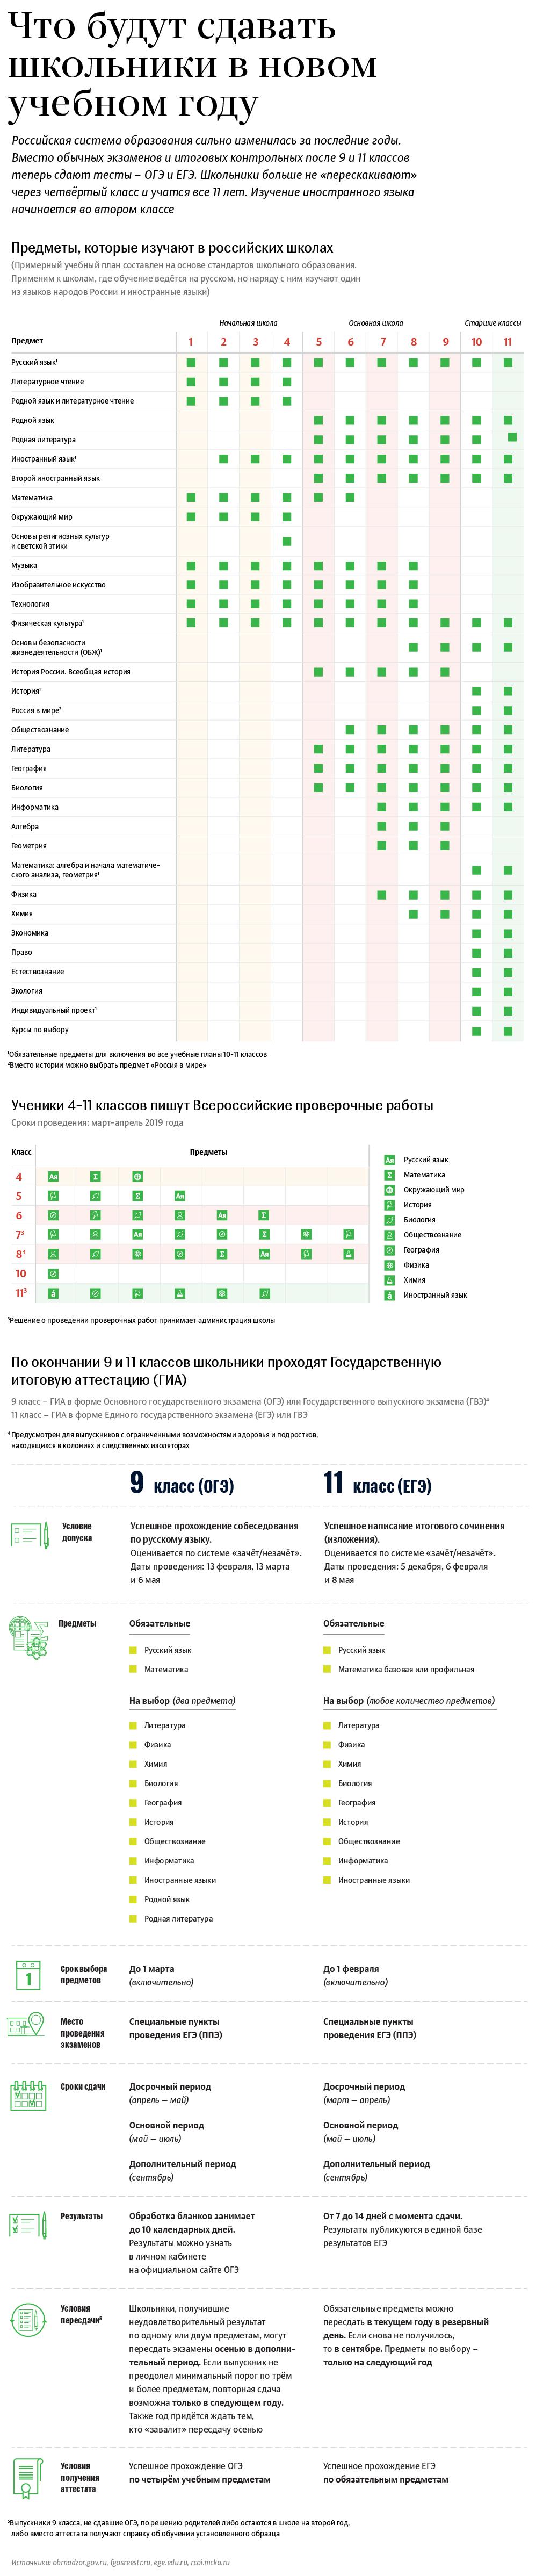 CHto_budut_sdavat_shkolniki_v_novom_uchebnom_godu